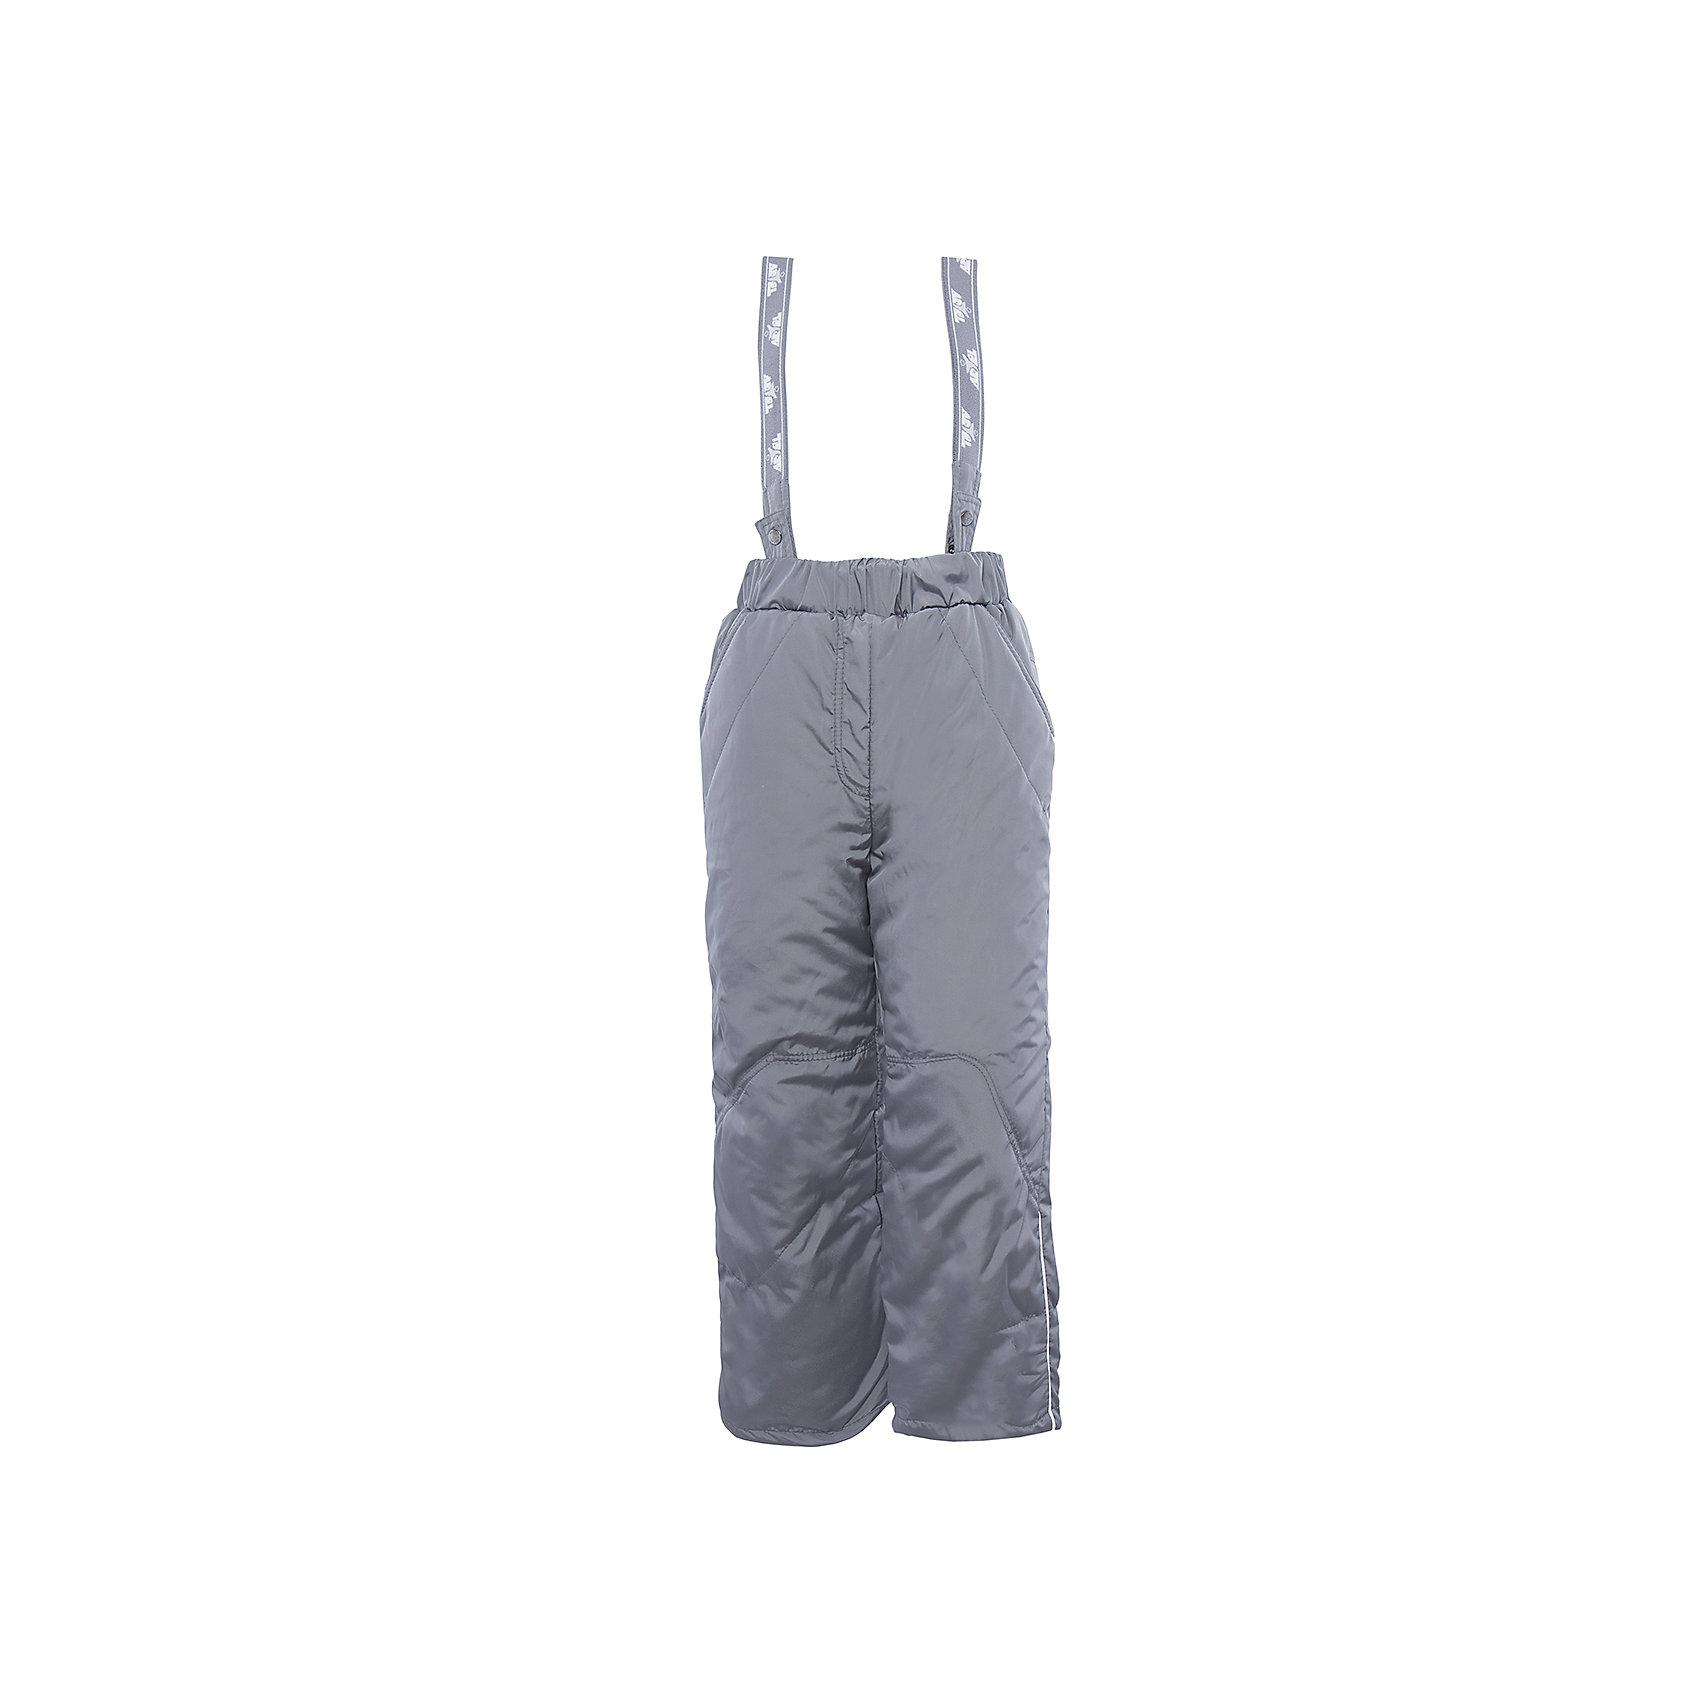 Брюки для мальчика АртельБрюки для мальчика от известного бренда Артель<br>Утепленные брюки для мальчика со съемной спинкой. Эта модель универсальна, т.к. может использоваться как полукомбинезон и просто как брюки. Сзади спинка крепится на молнию<br>Состав:<br>Верх: PRINCE<br>Подкладка: тиси<br>Утеплитель: термофайбер 100гр<br><br>Ширина мм: 215<br>Глубина мм: 88<br>Высота мм: 191<br>Вес г: 336<br>Цвет: серый<br>Возраст от месяцев: 72<br>Возраст до месяцев: 84<br>Пол: Мужской<br>Возраст: Детский<br>Размер: 122,164,158,152,146,140,134,128<br>SKU: 4963856